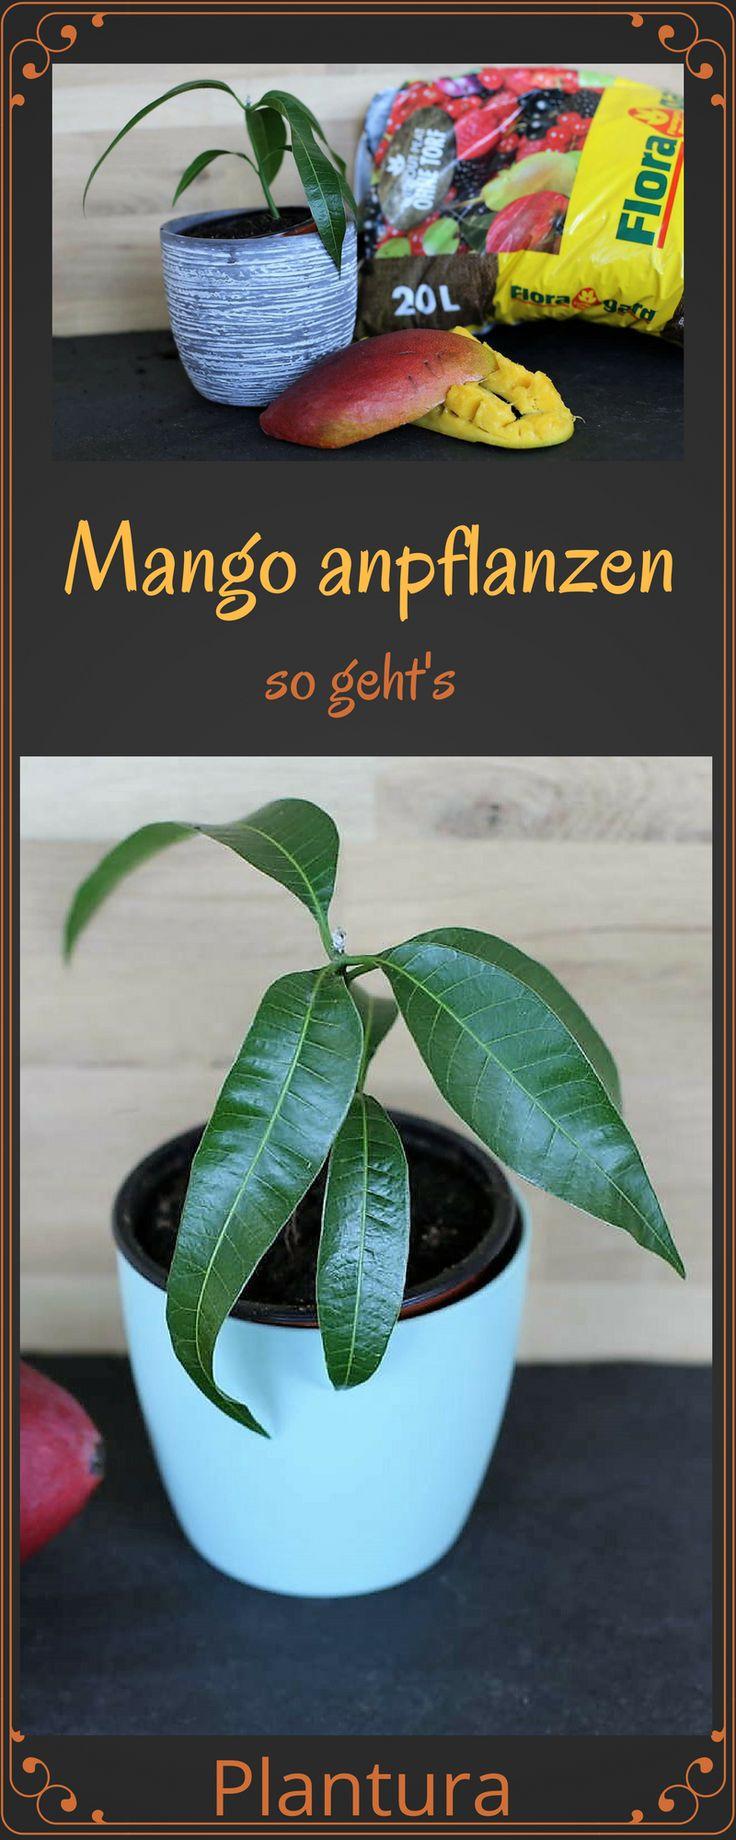 Mangokern einpflanzen und einen kleinen Mangobaum heranziehen - so geht's!